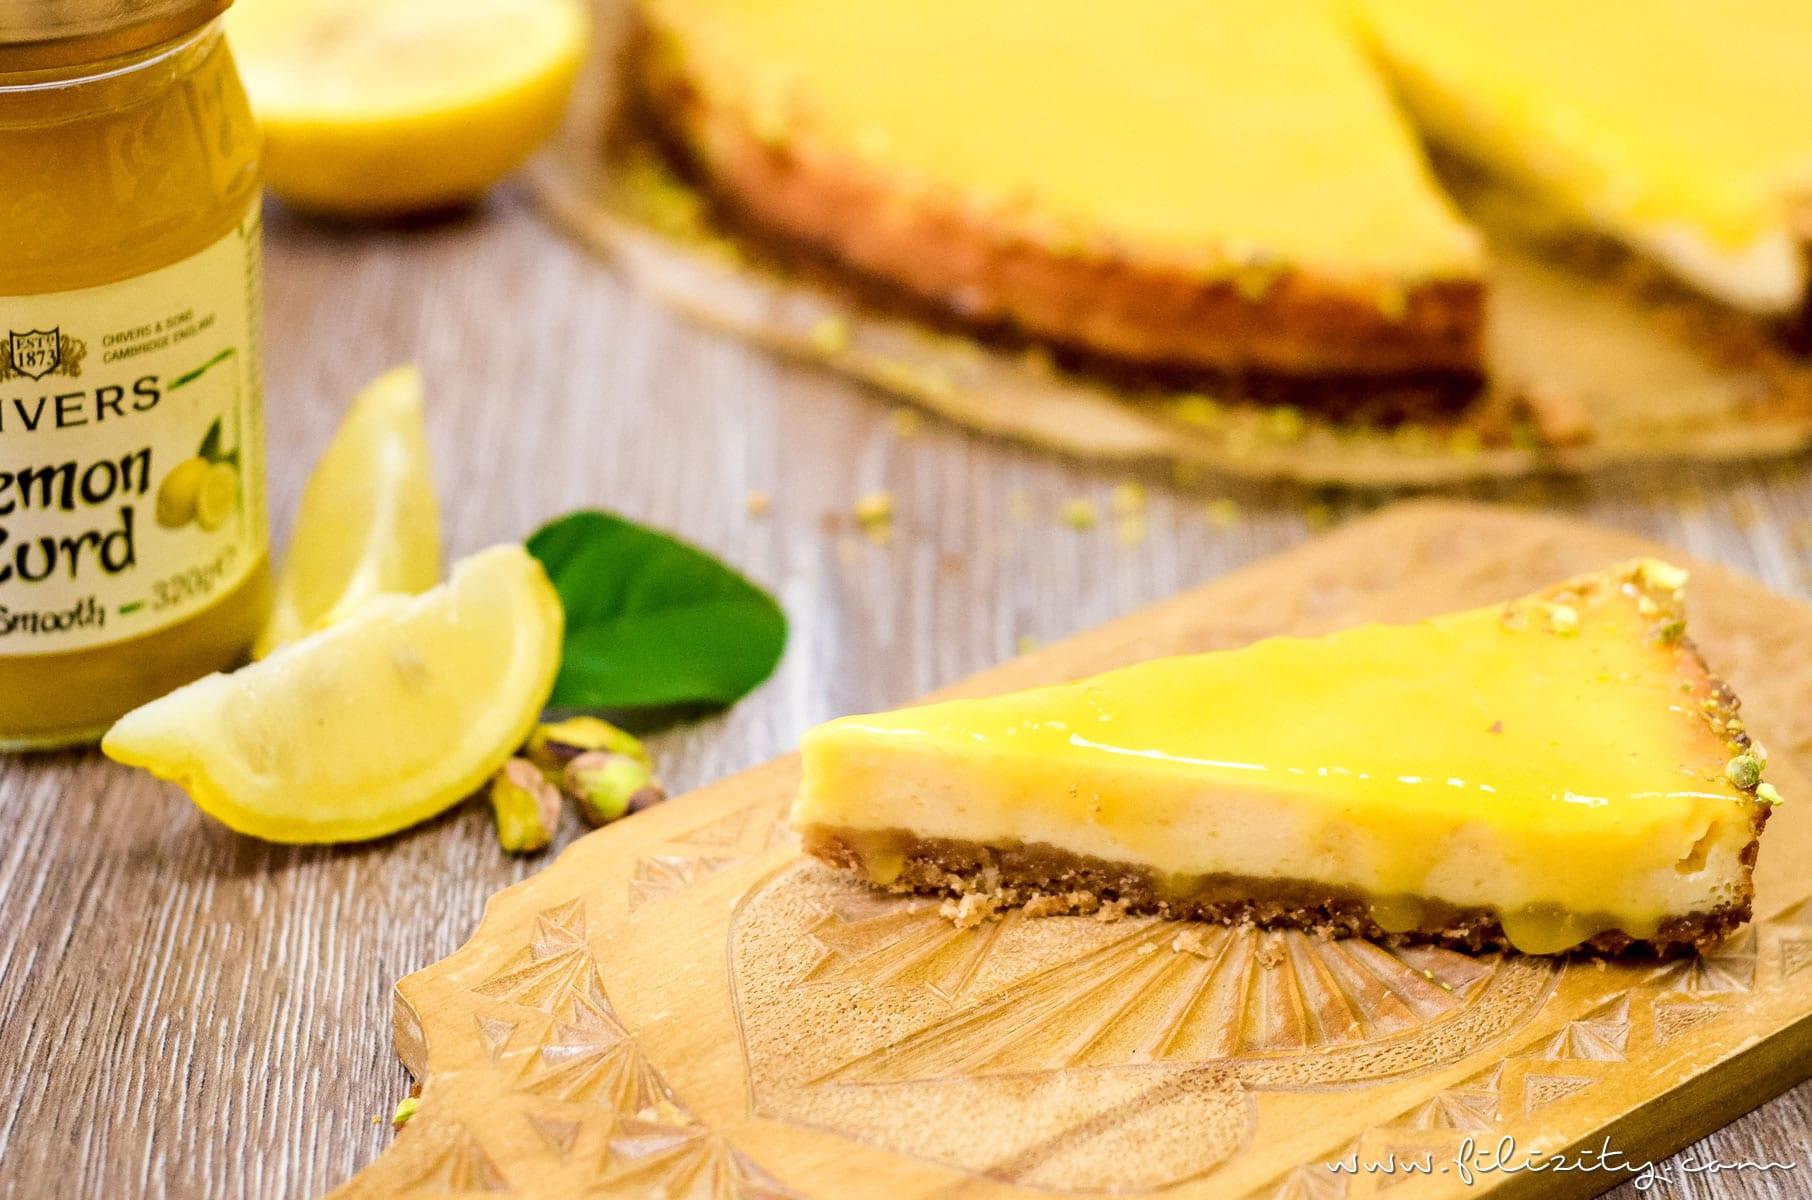 Rezept: Lemon Curd Cheesecake - Sommerfrischer Käsekuchen mit Zitronencreme | Filizity.com | Food-Blog aus dem Rheinland #cheesecake #käsekuchen #lemoncurd